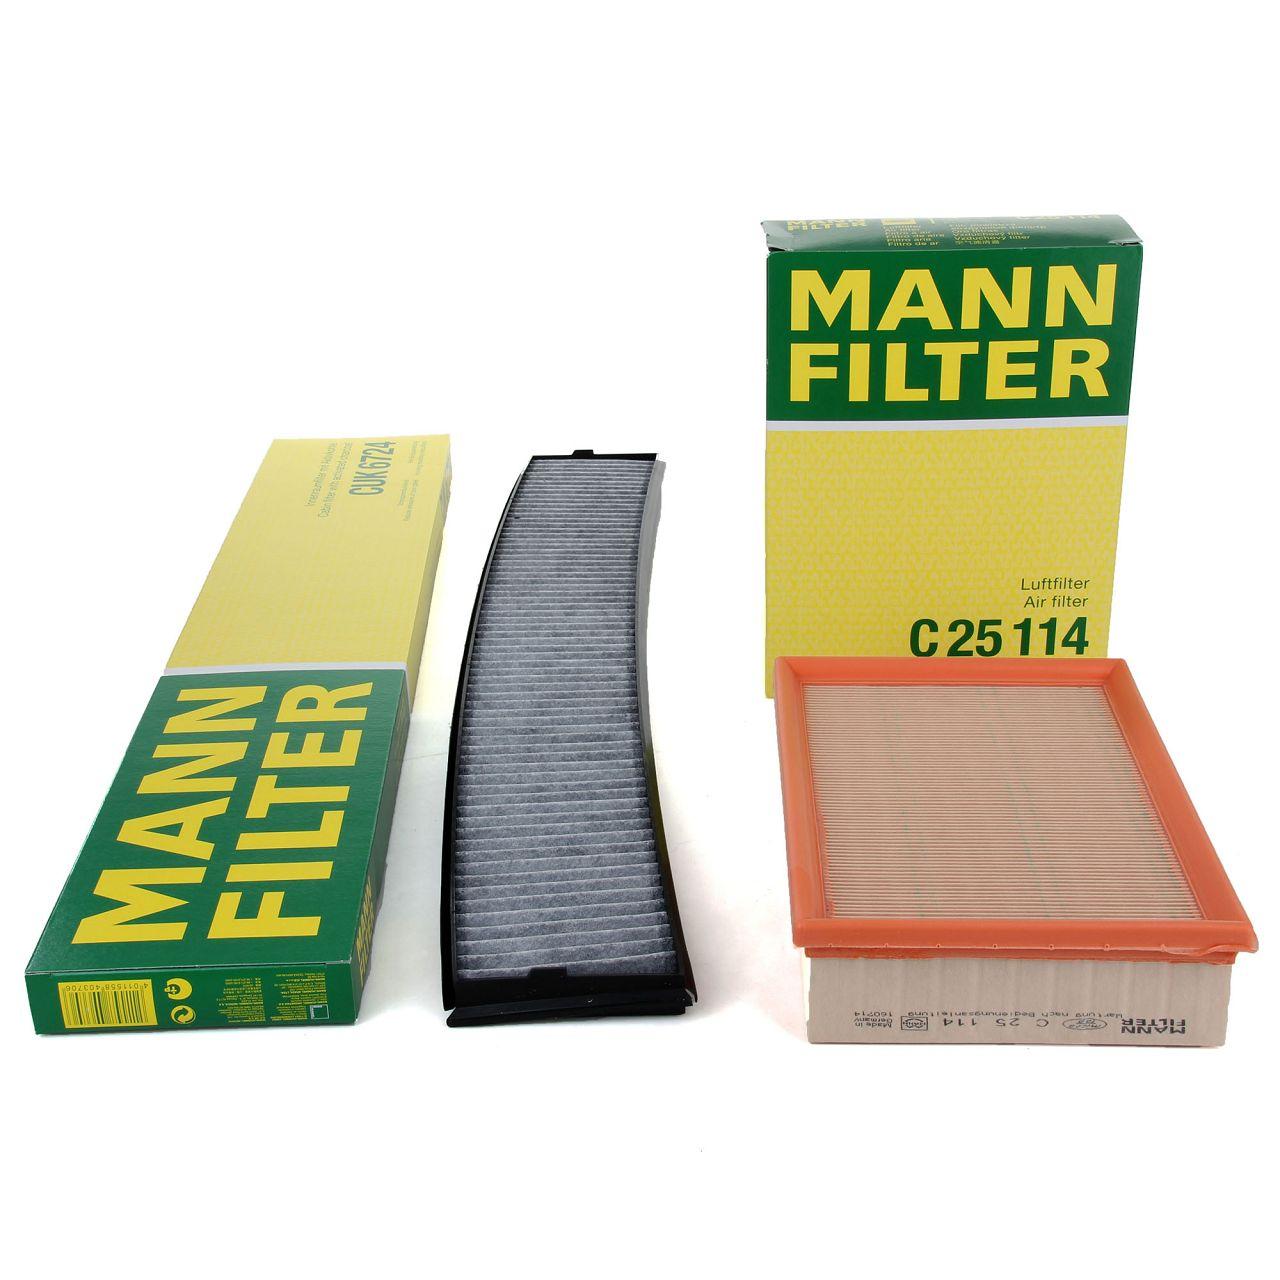 MANN Filterset für BMW 3er E46 316-330i M3 3.2 X3 E83 2.5i 3.0i xDrive25/30i